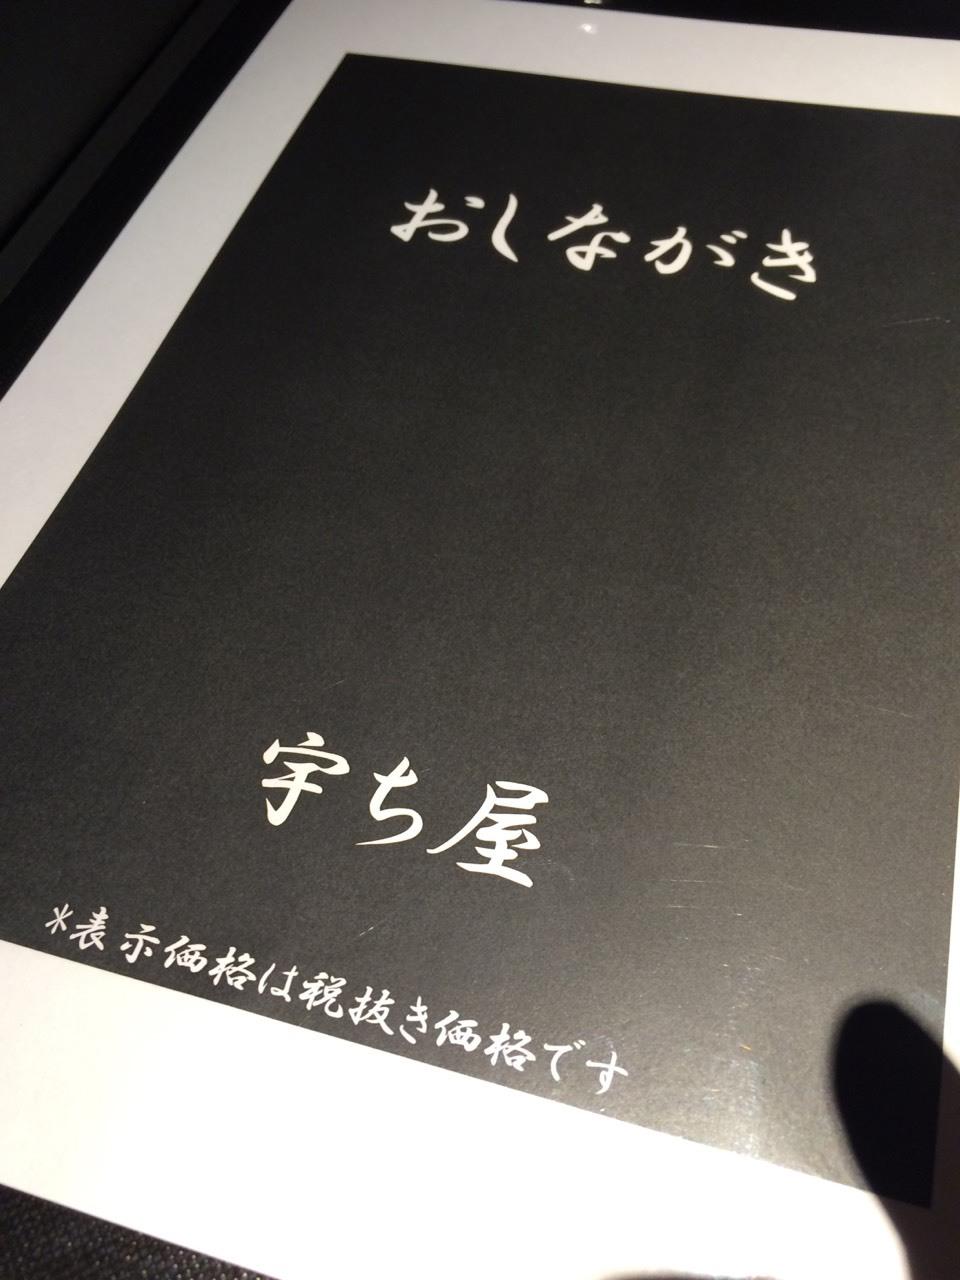 宇ち家  -UCHIYA-  @末広温泉_e0115904_06015253.jpg